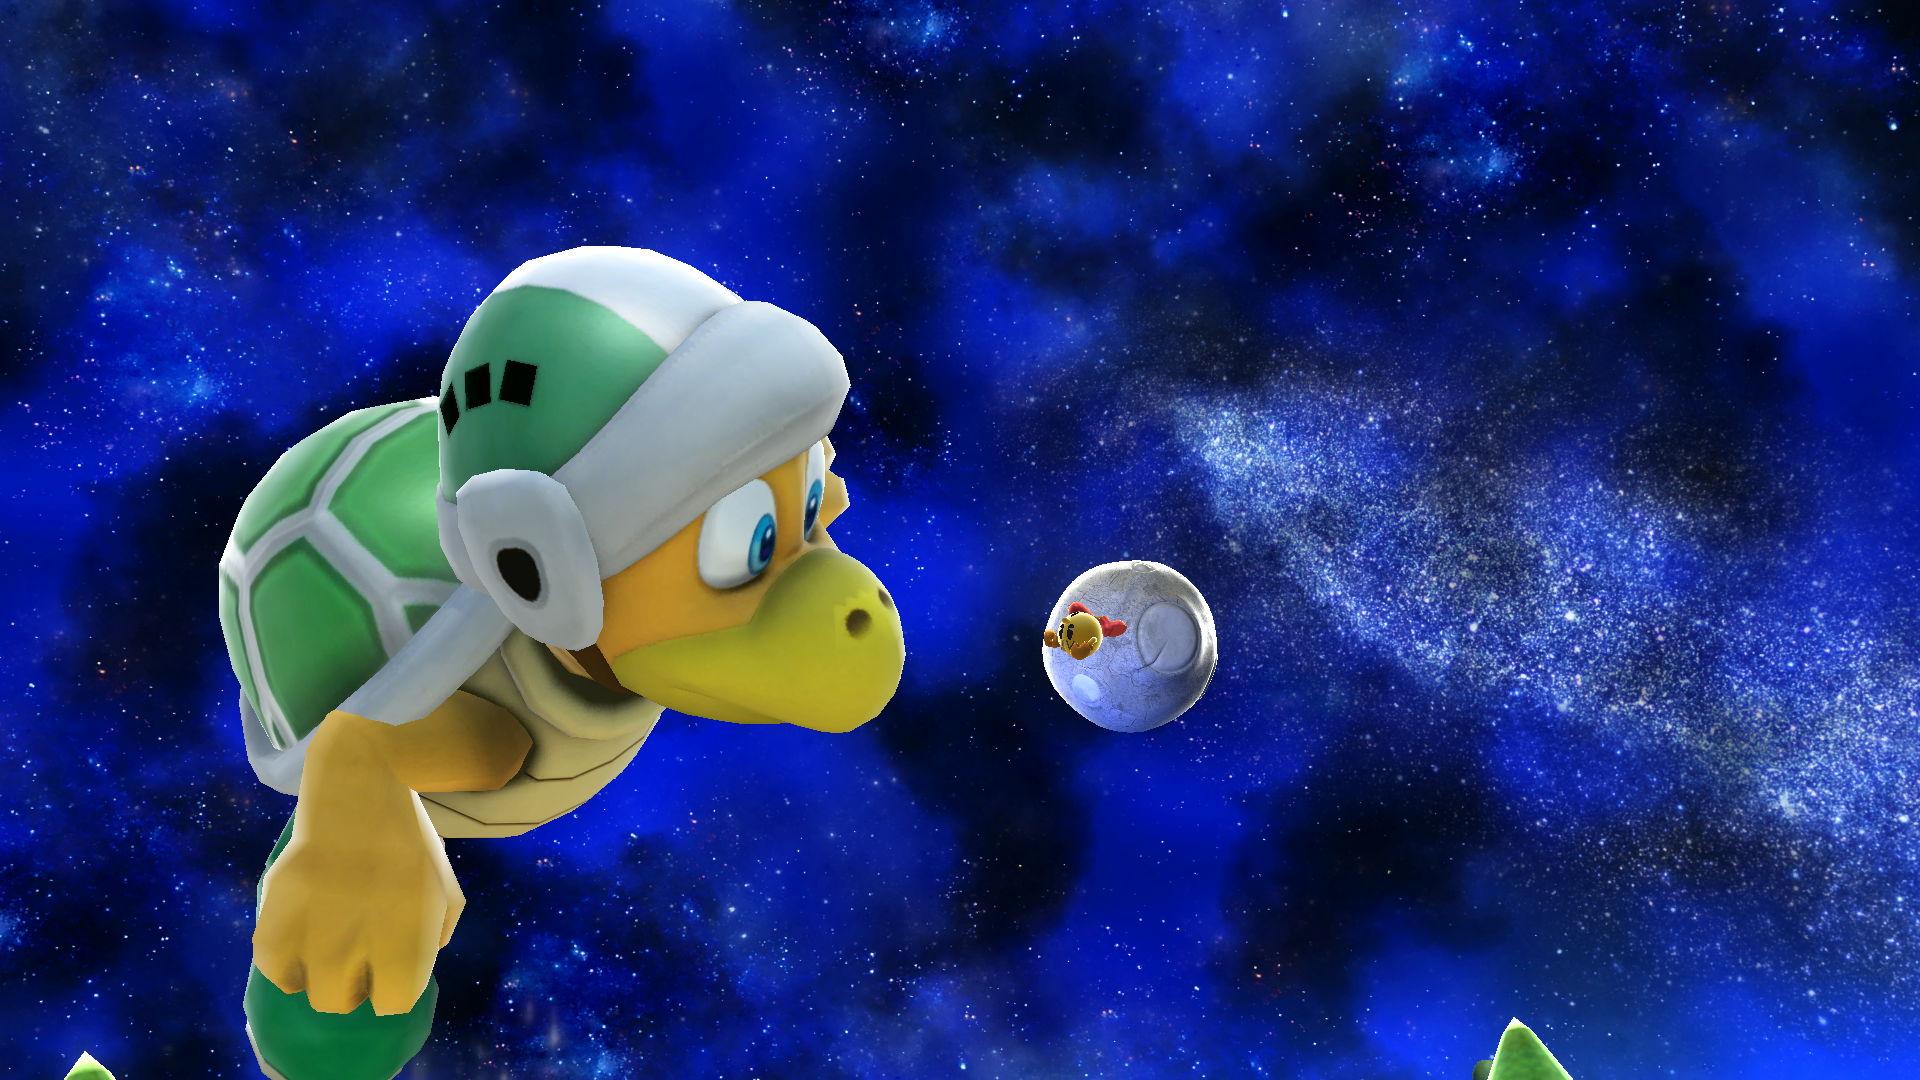 [Photo] Vos photos SSB Wii U (sans et avec dessin) 1417457737-hni-0002